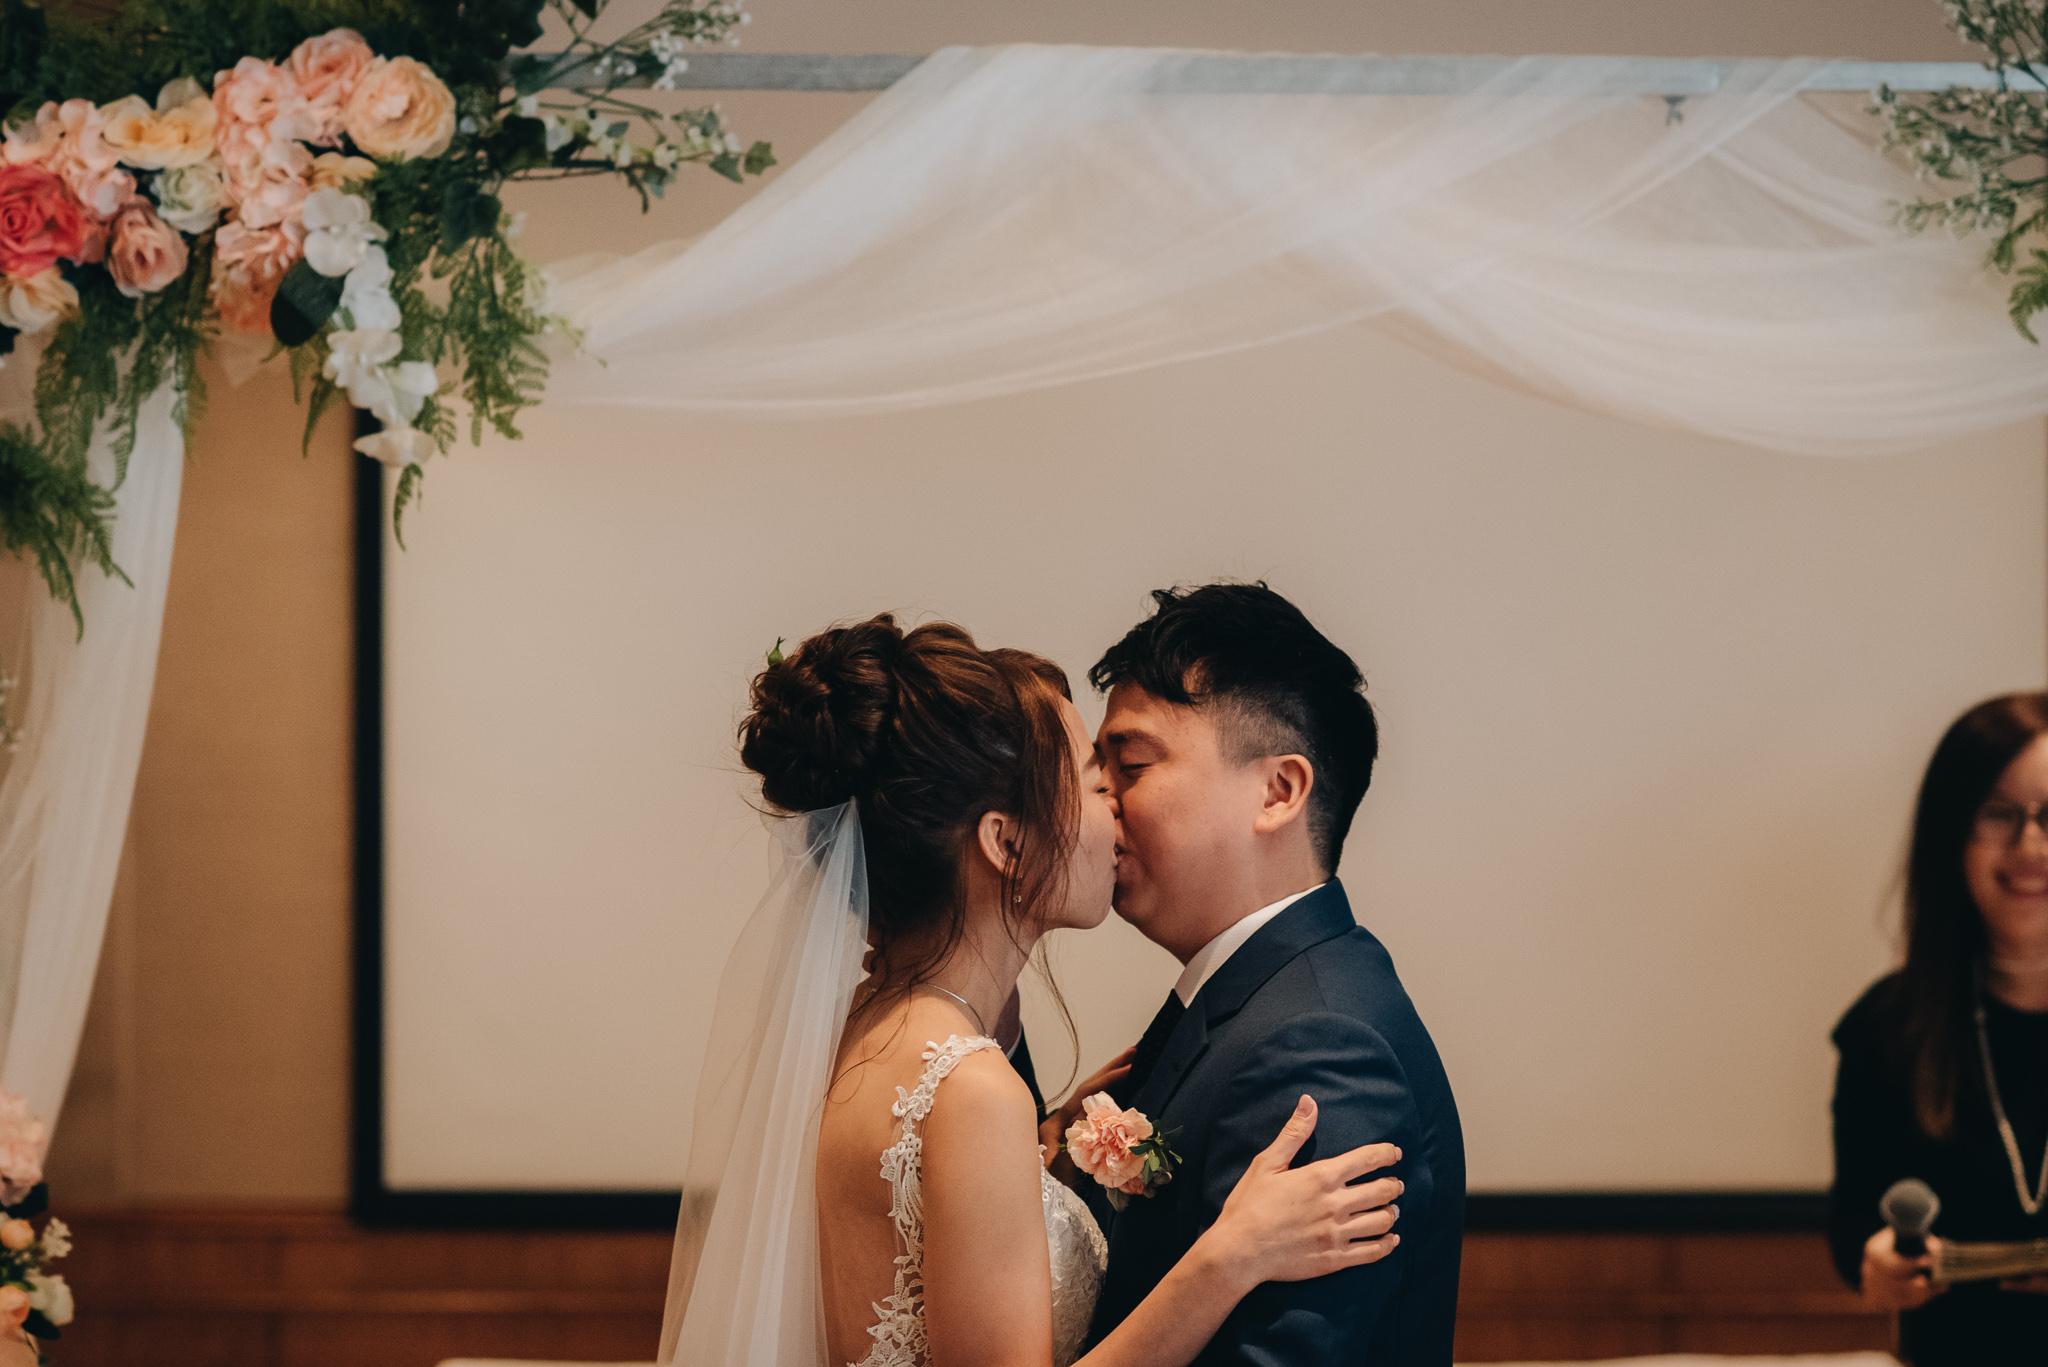 Jocelyn & Chris Wedding Day Highlights (resized for sharing) - 101.jpg